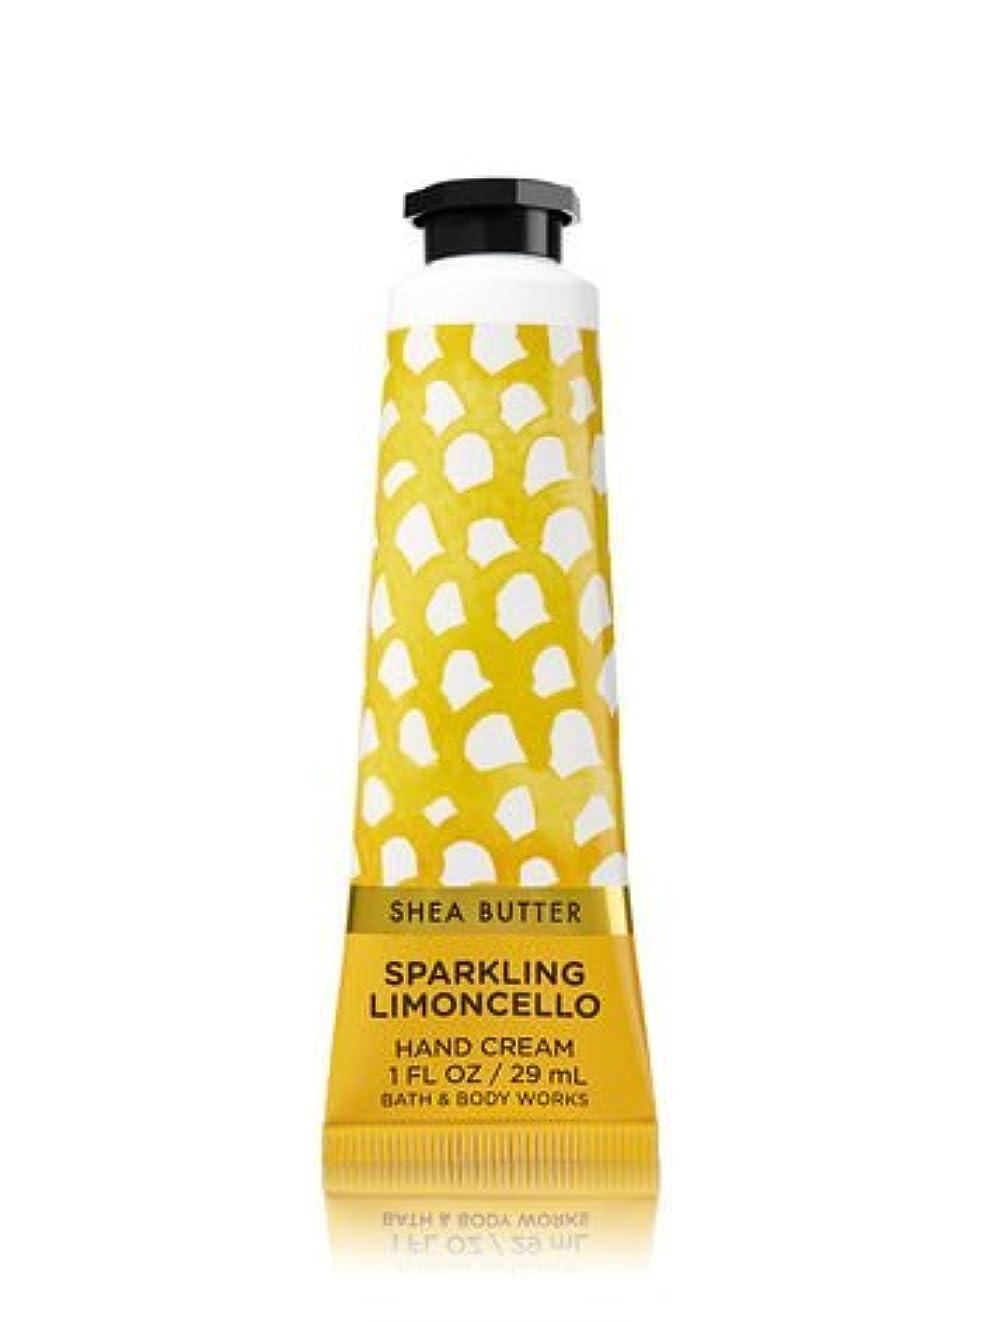 さまようコントラストたまに【Bath&Body Works/バス&ボディワークス】 シアバター ハンドクリーム スパークリングリモンチェッロ Shea Butter Hand Cream Sparkling Limoncello 1 fl oz / 29 mL [並行輸入品]